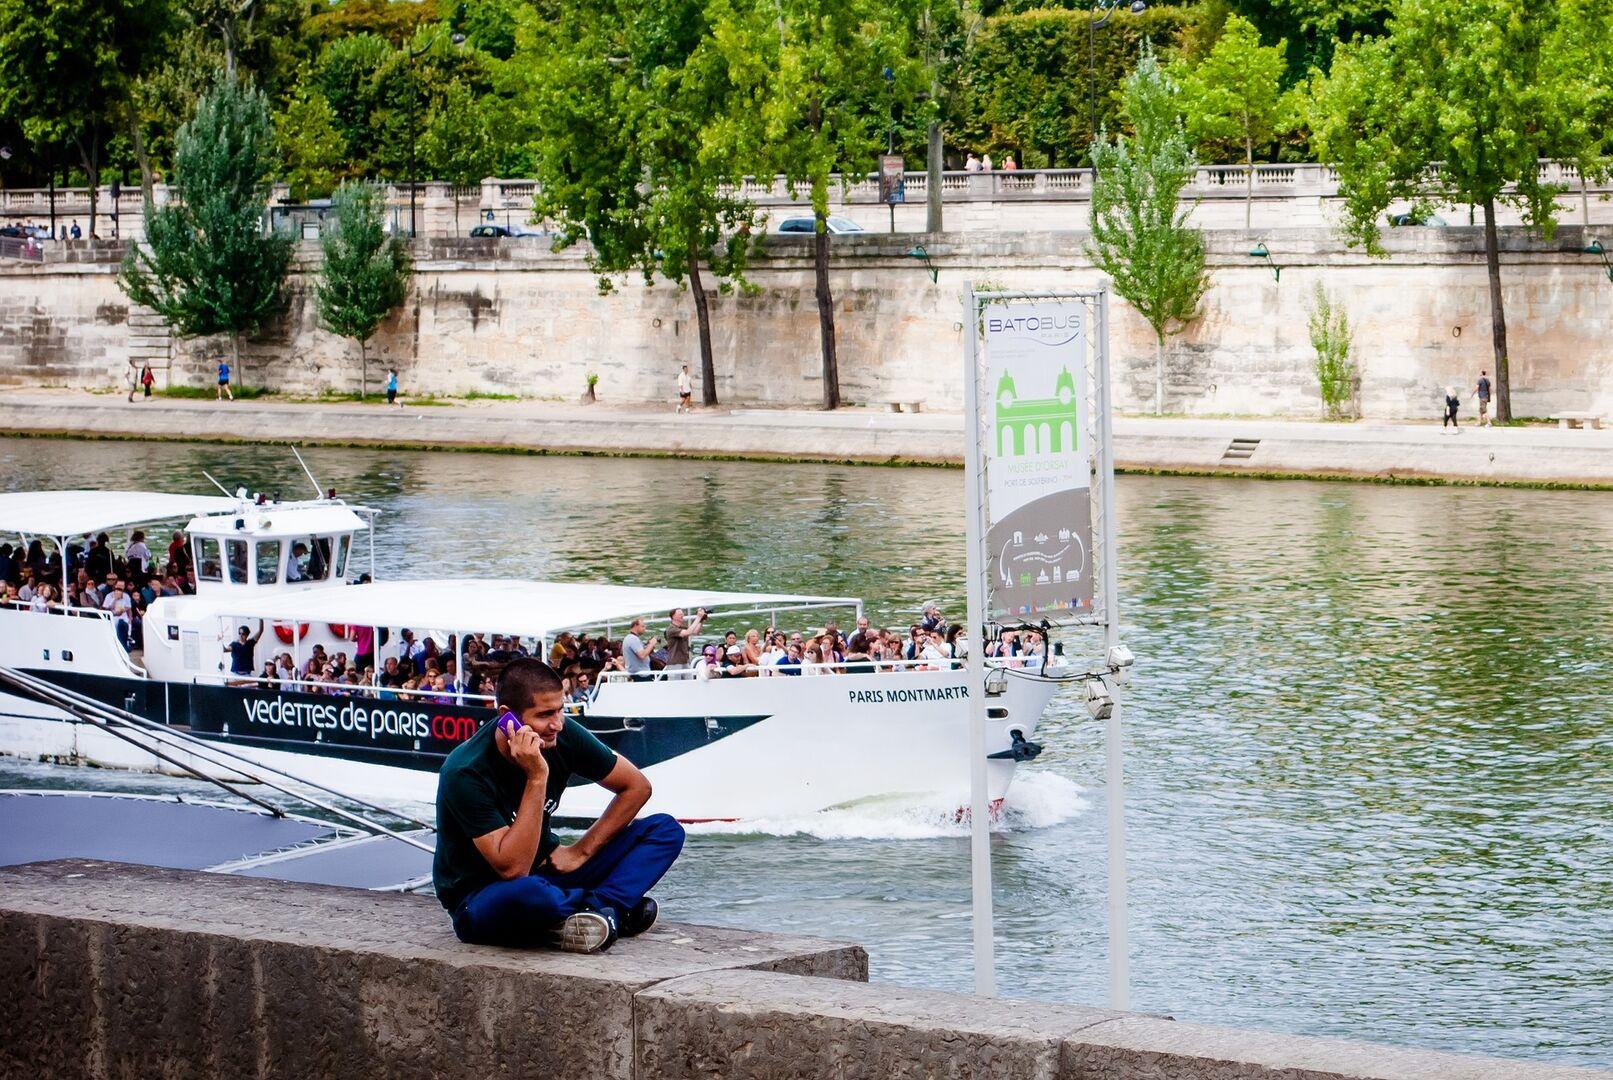 El turismo en par s no recupera las cifras previas a los atentados libre mercado - Oficina turismo paris en madrid ...